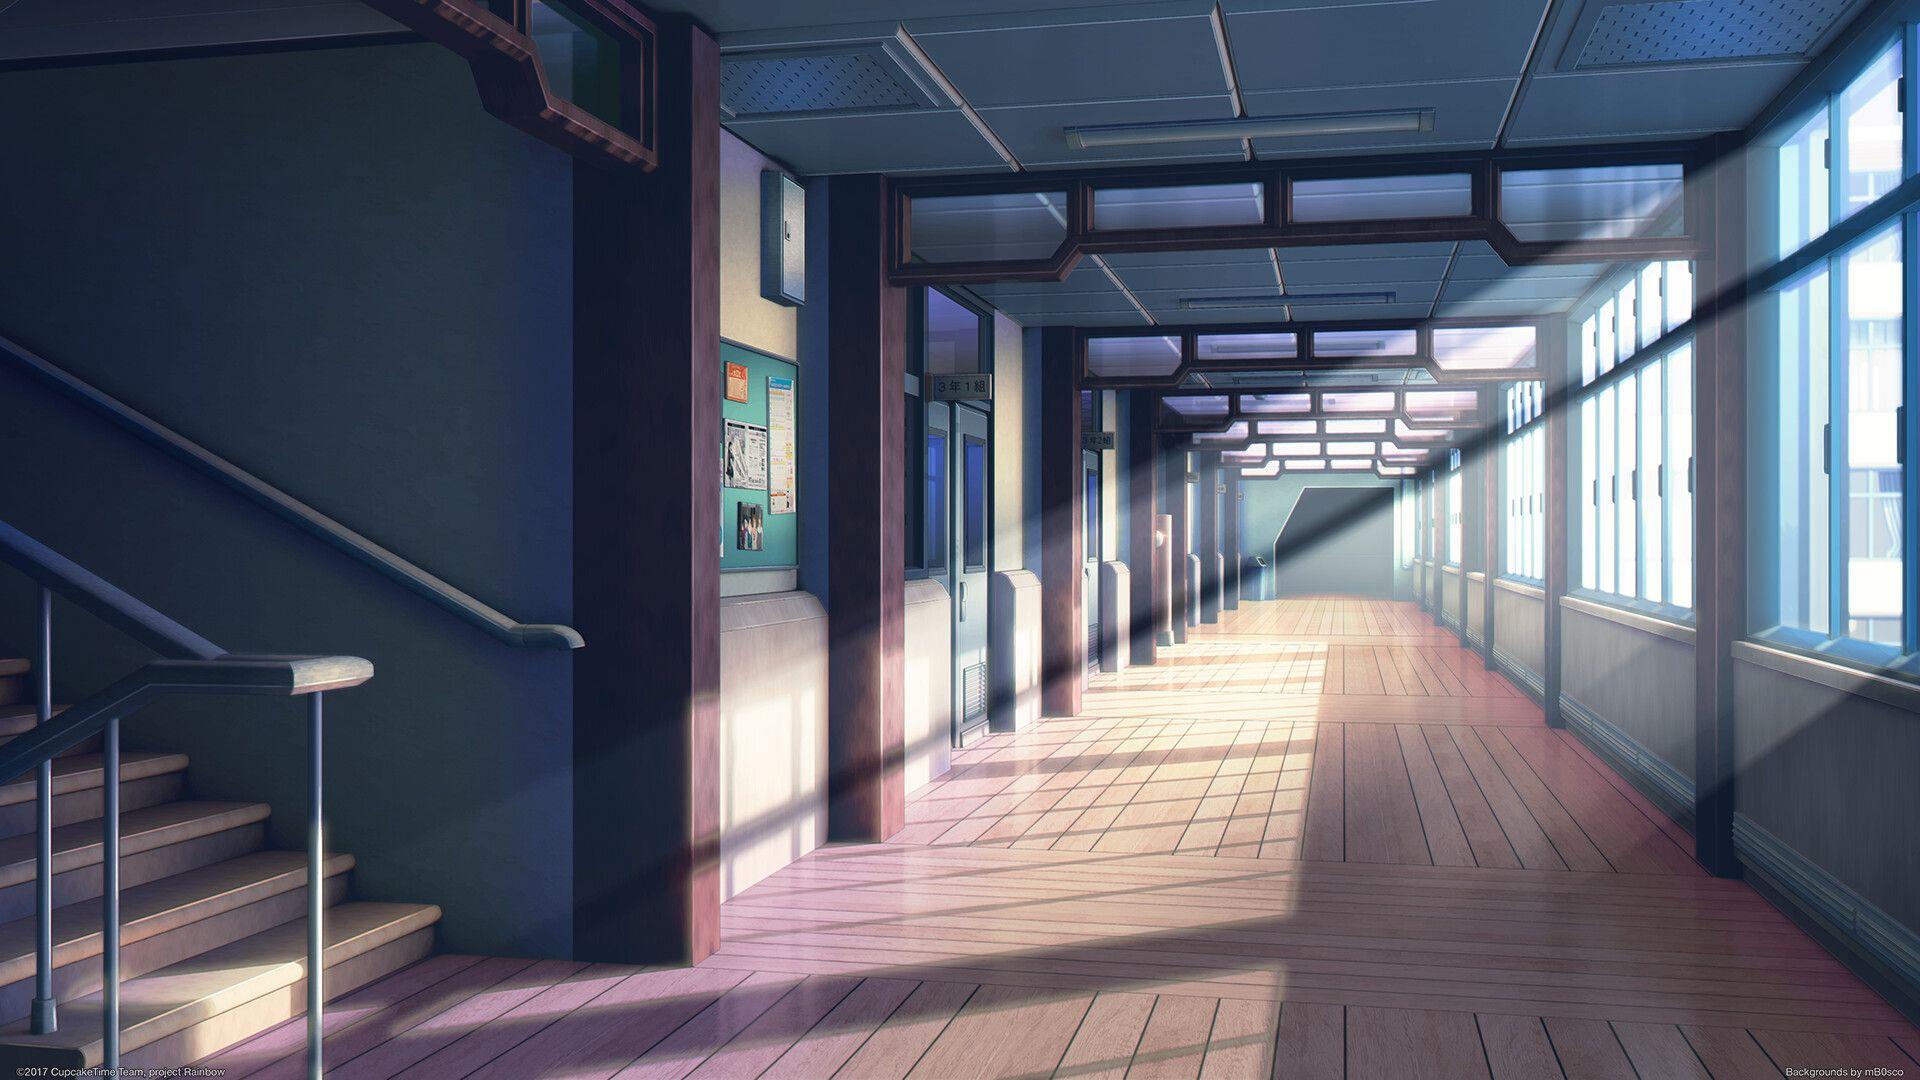 Cenario Anime De Gasha Pirozhok Em Anime Em 2020 Fundo De